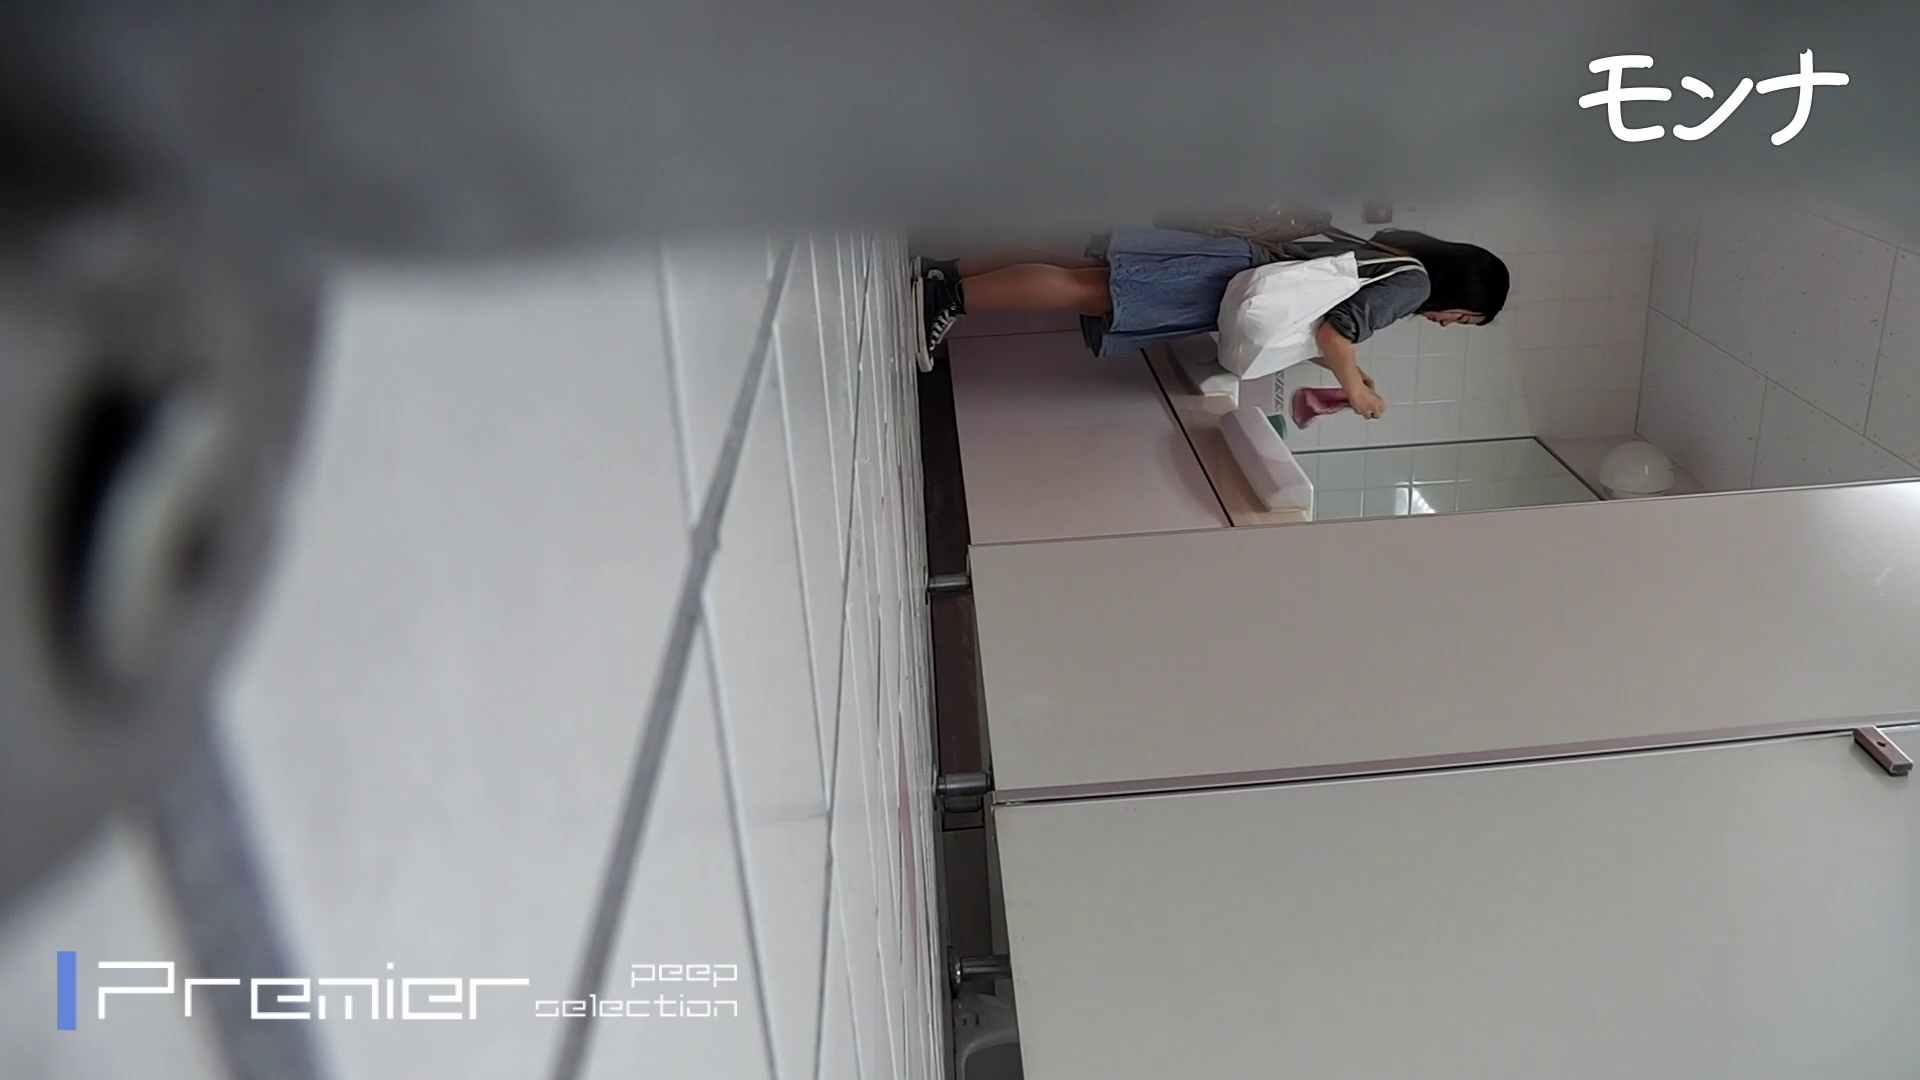 美しい日本の未来 No.84貴重なアンクル誕生 トイレ盗撮 AV無料動画キャプチャ 80枚 78